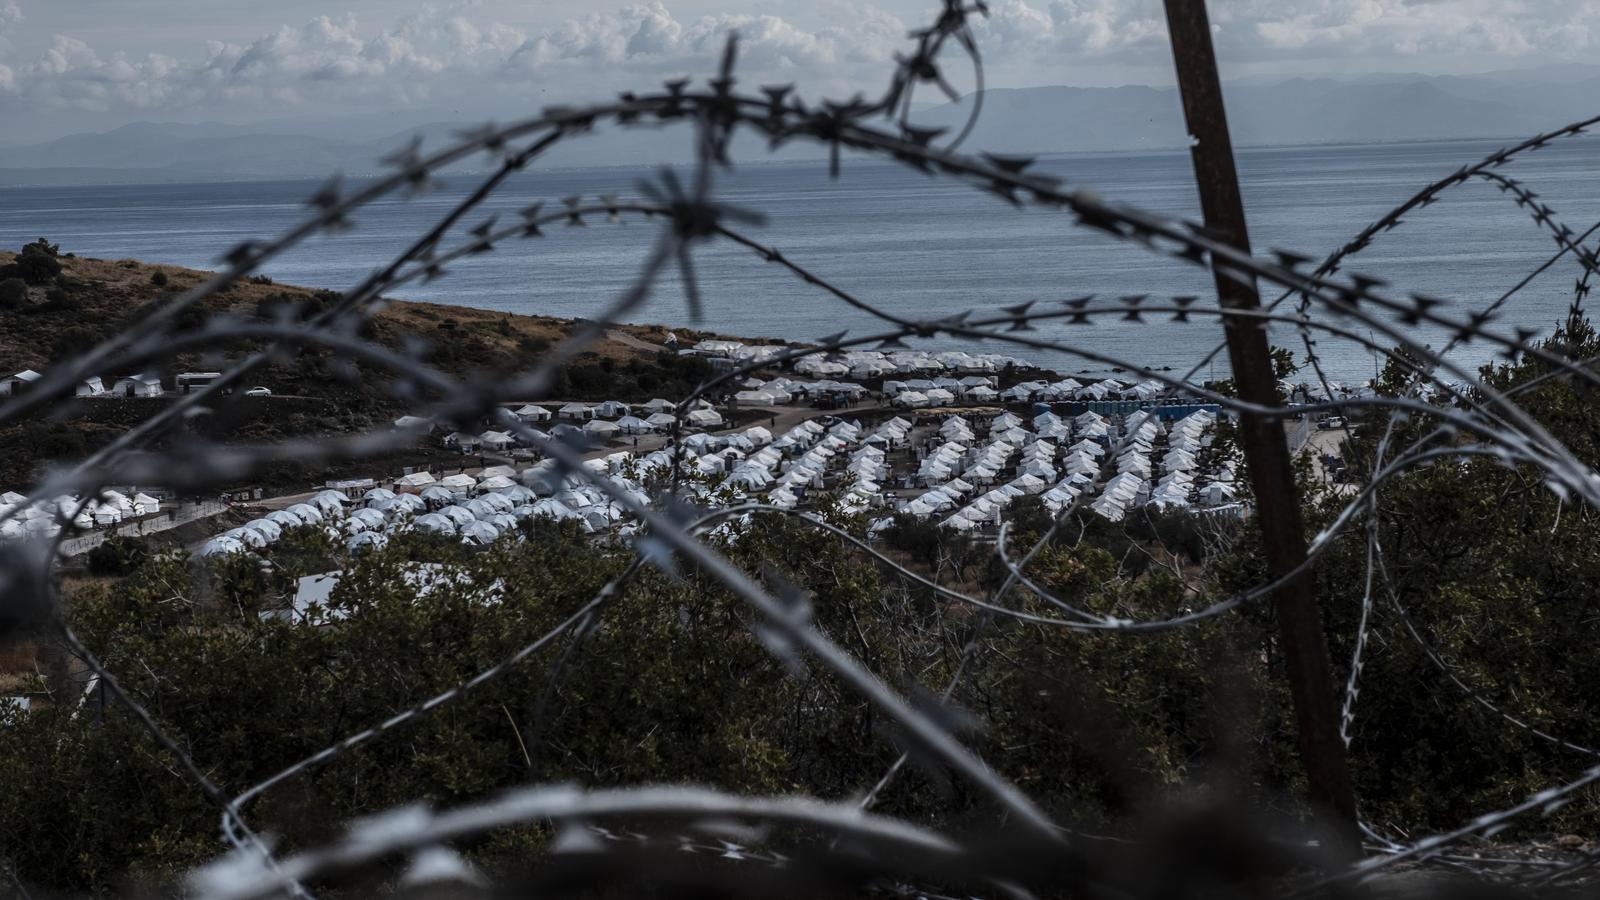 Al nou camp de Lesbos els refugiats només es poden rentar al mar